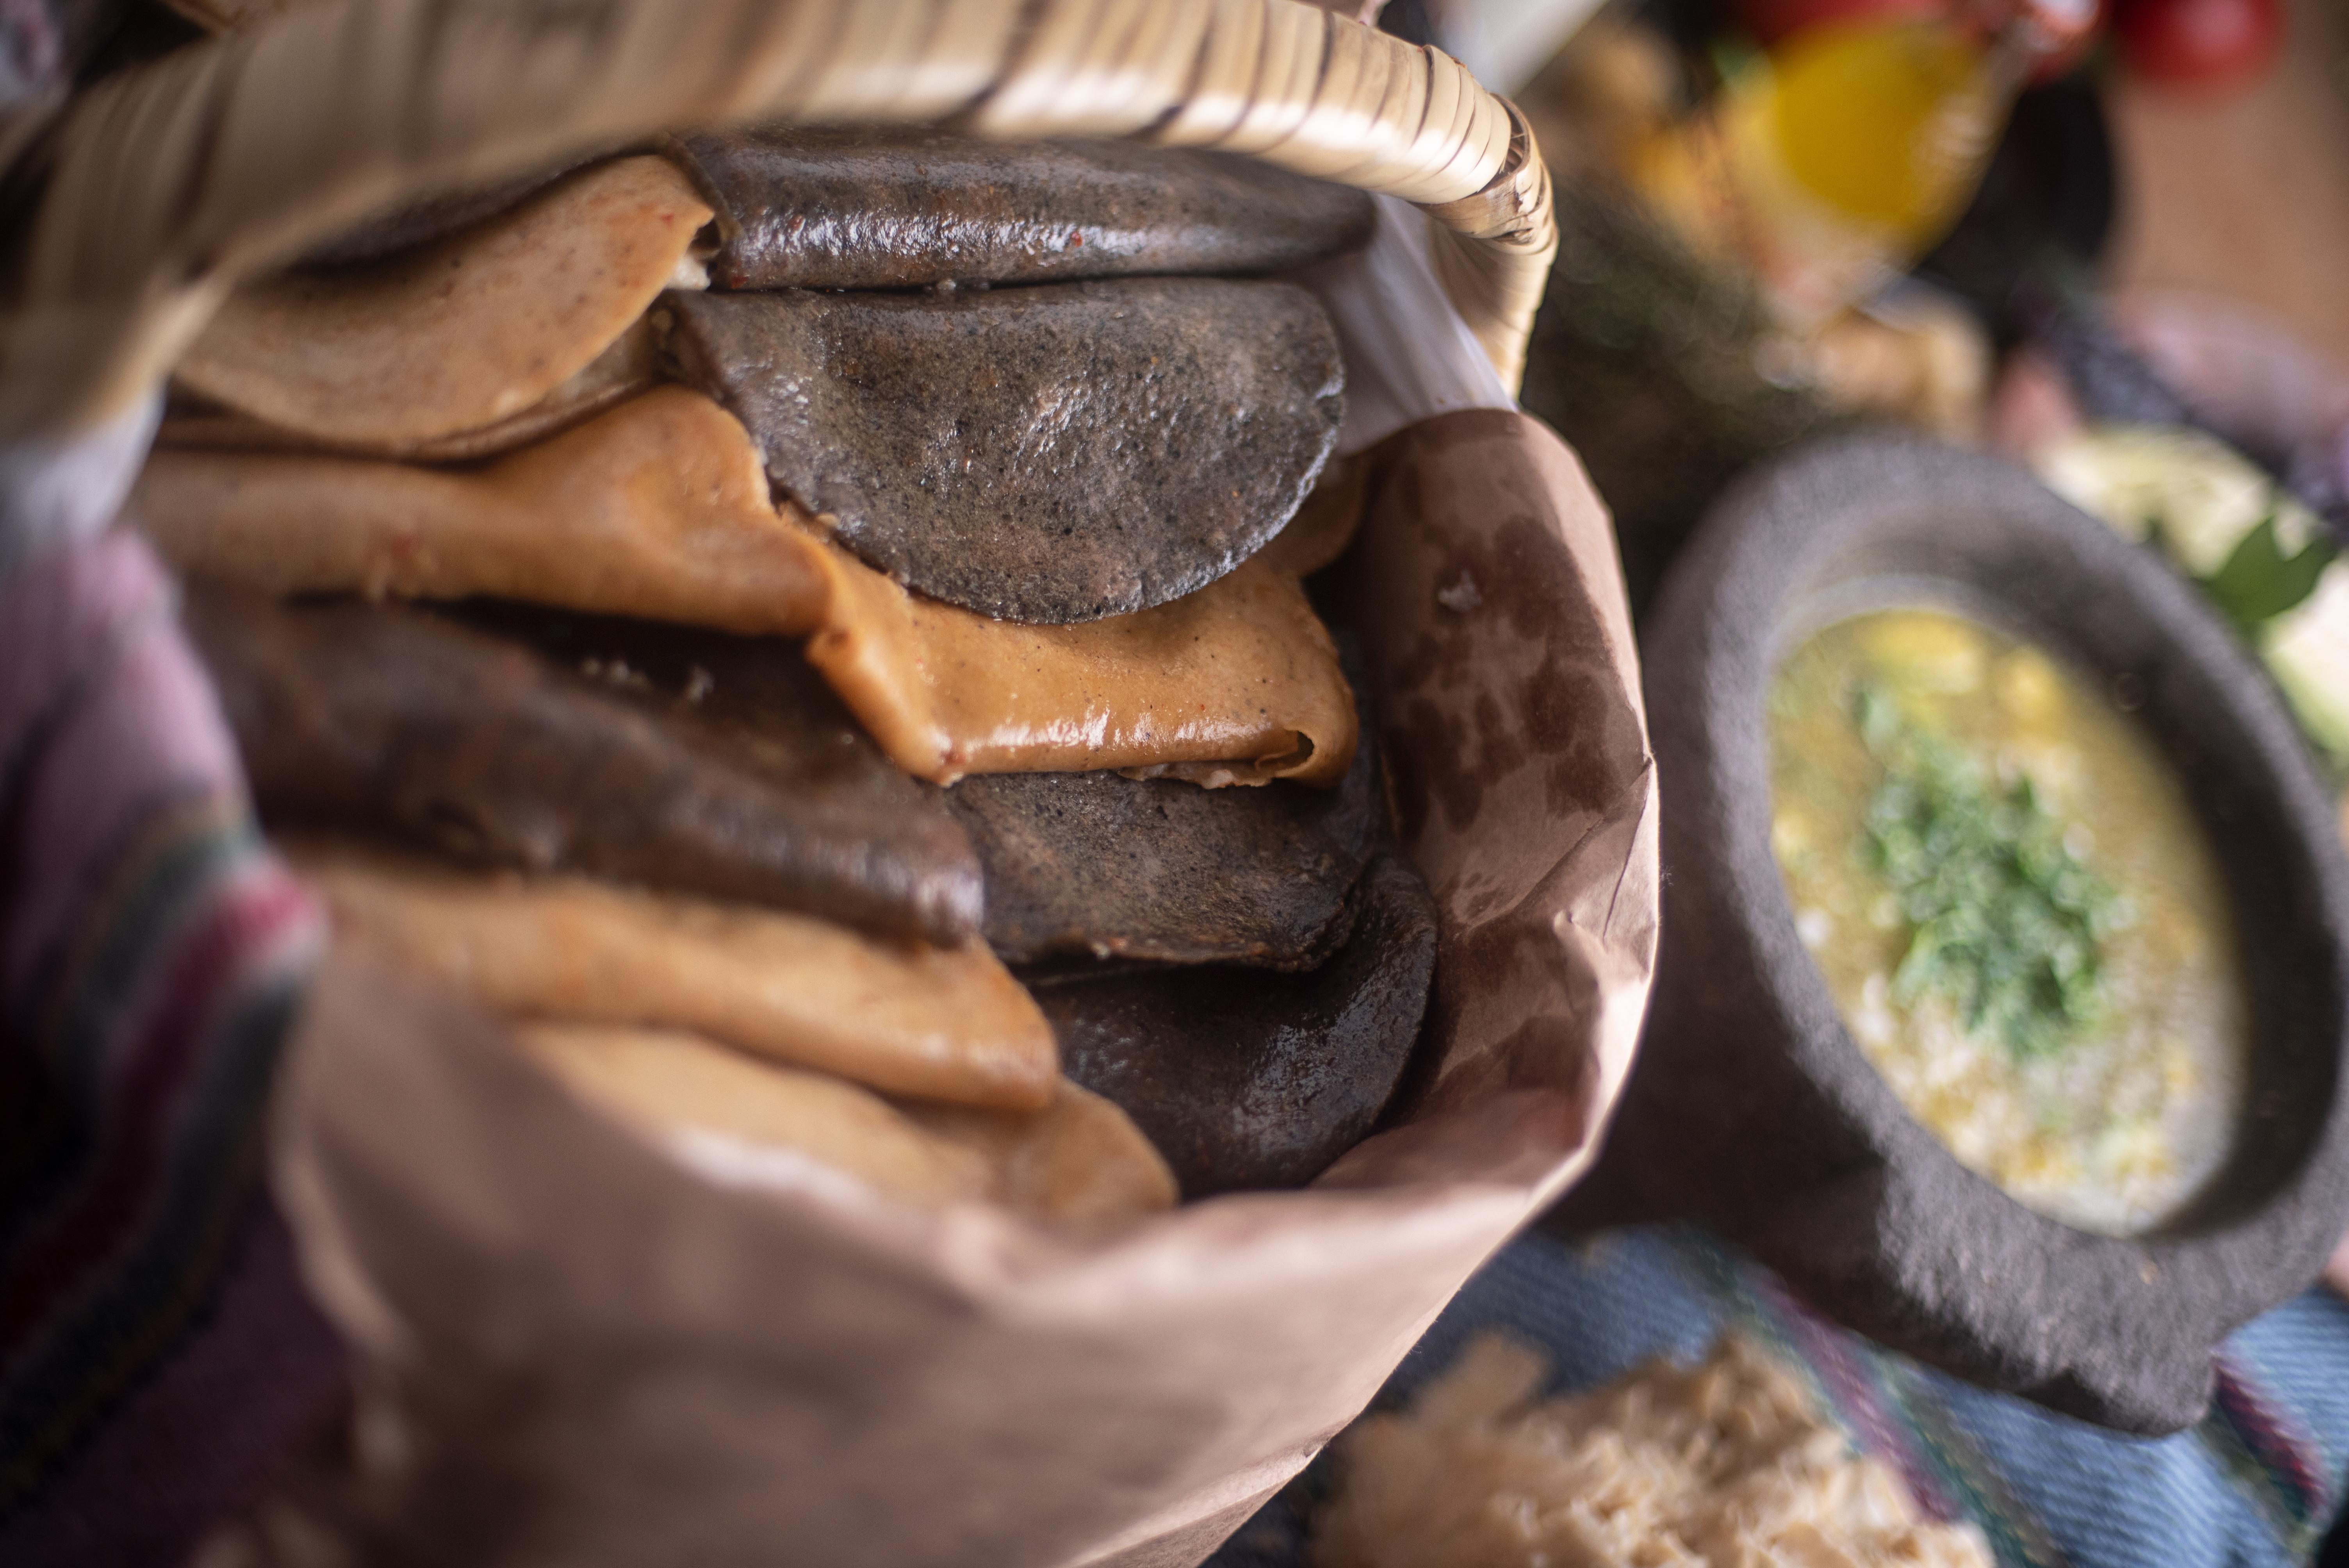 Valedores: los nuevos taquitos de canasta con toque fino